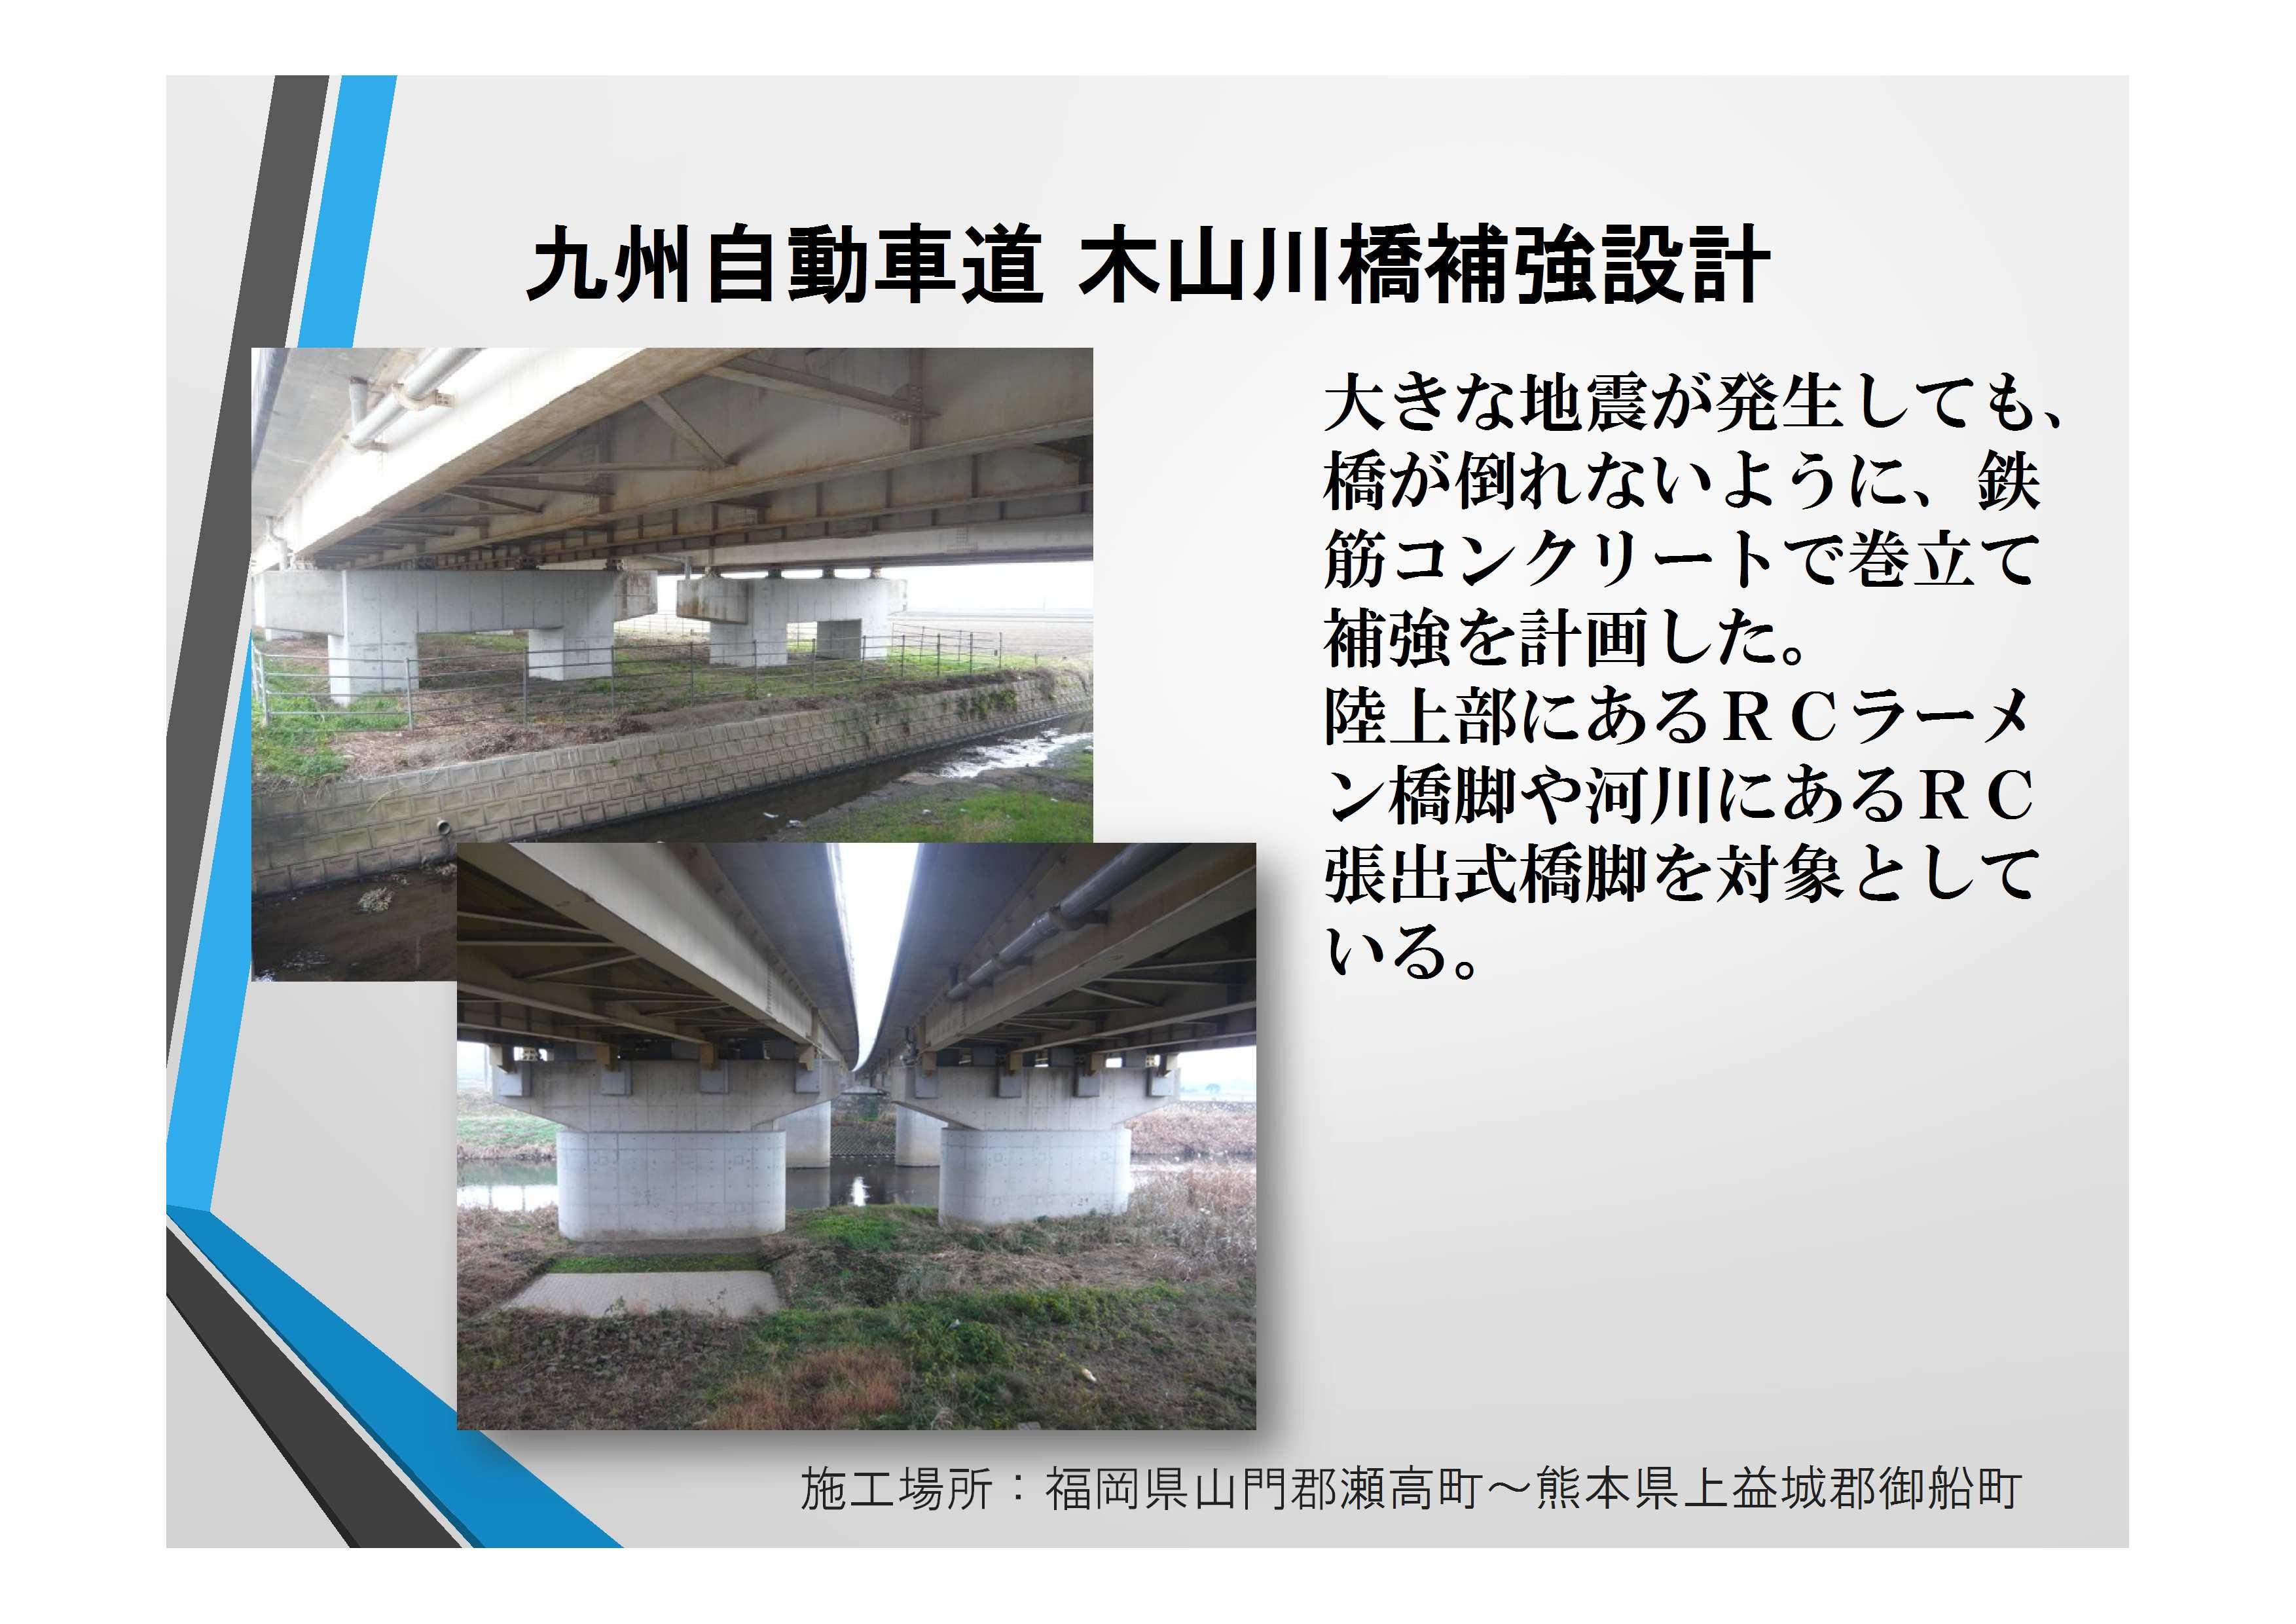 ☆九12019 九州自動車道 木山川橋補強設計【未確認】